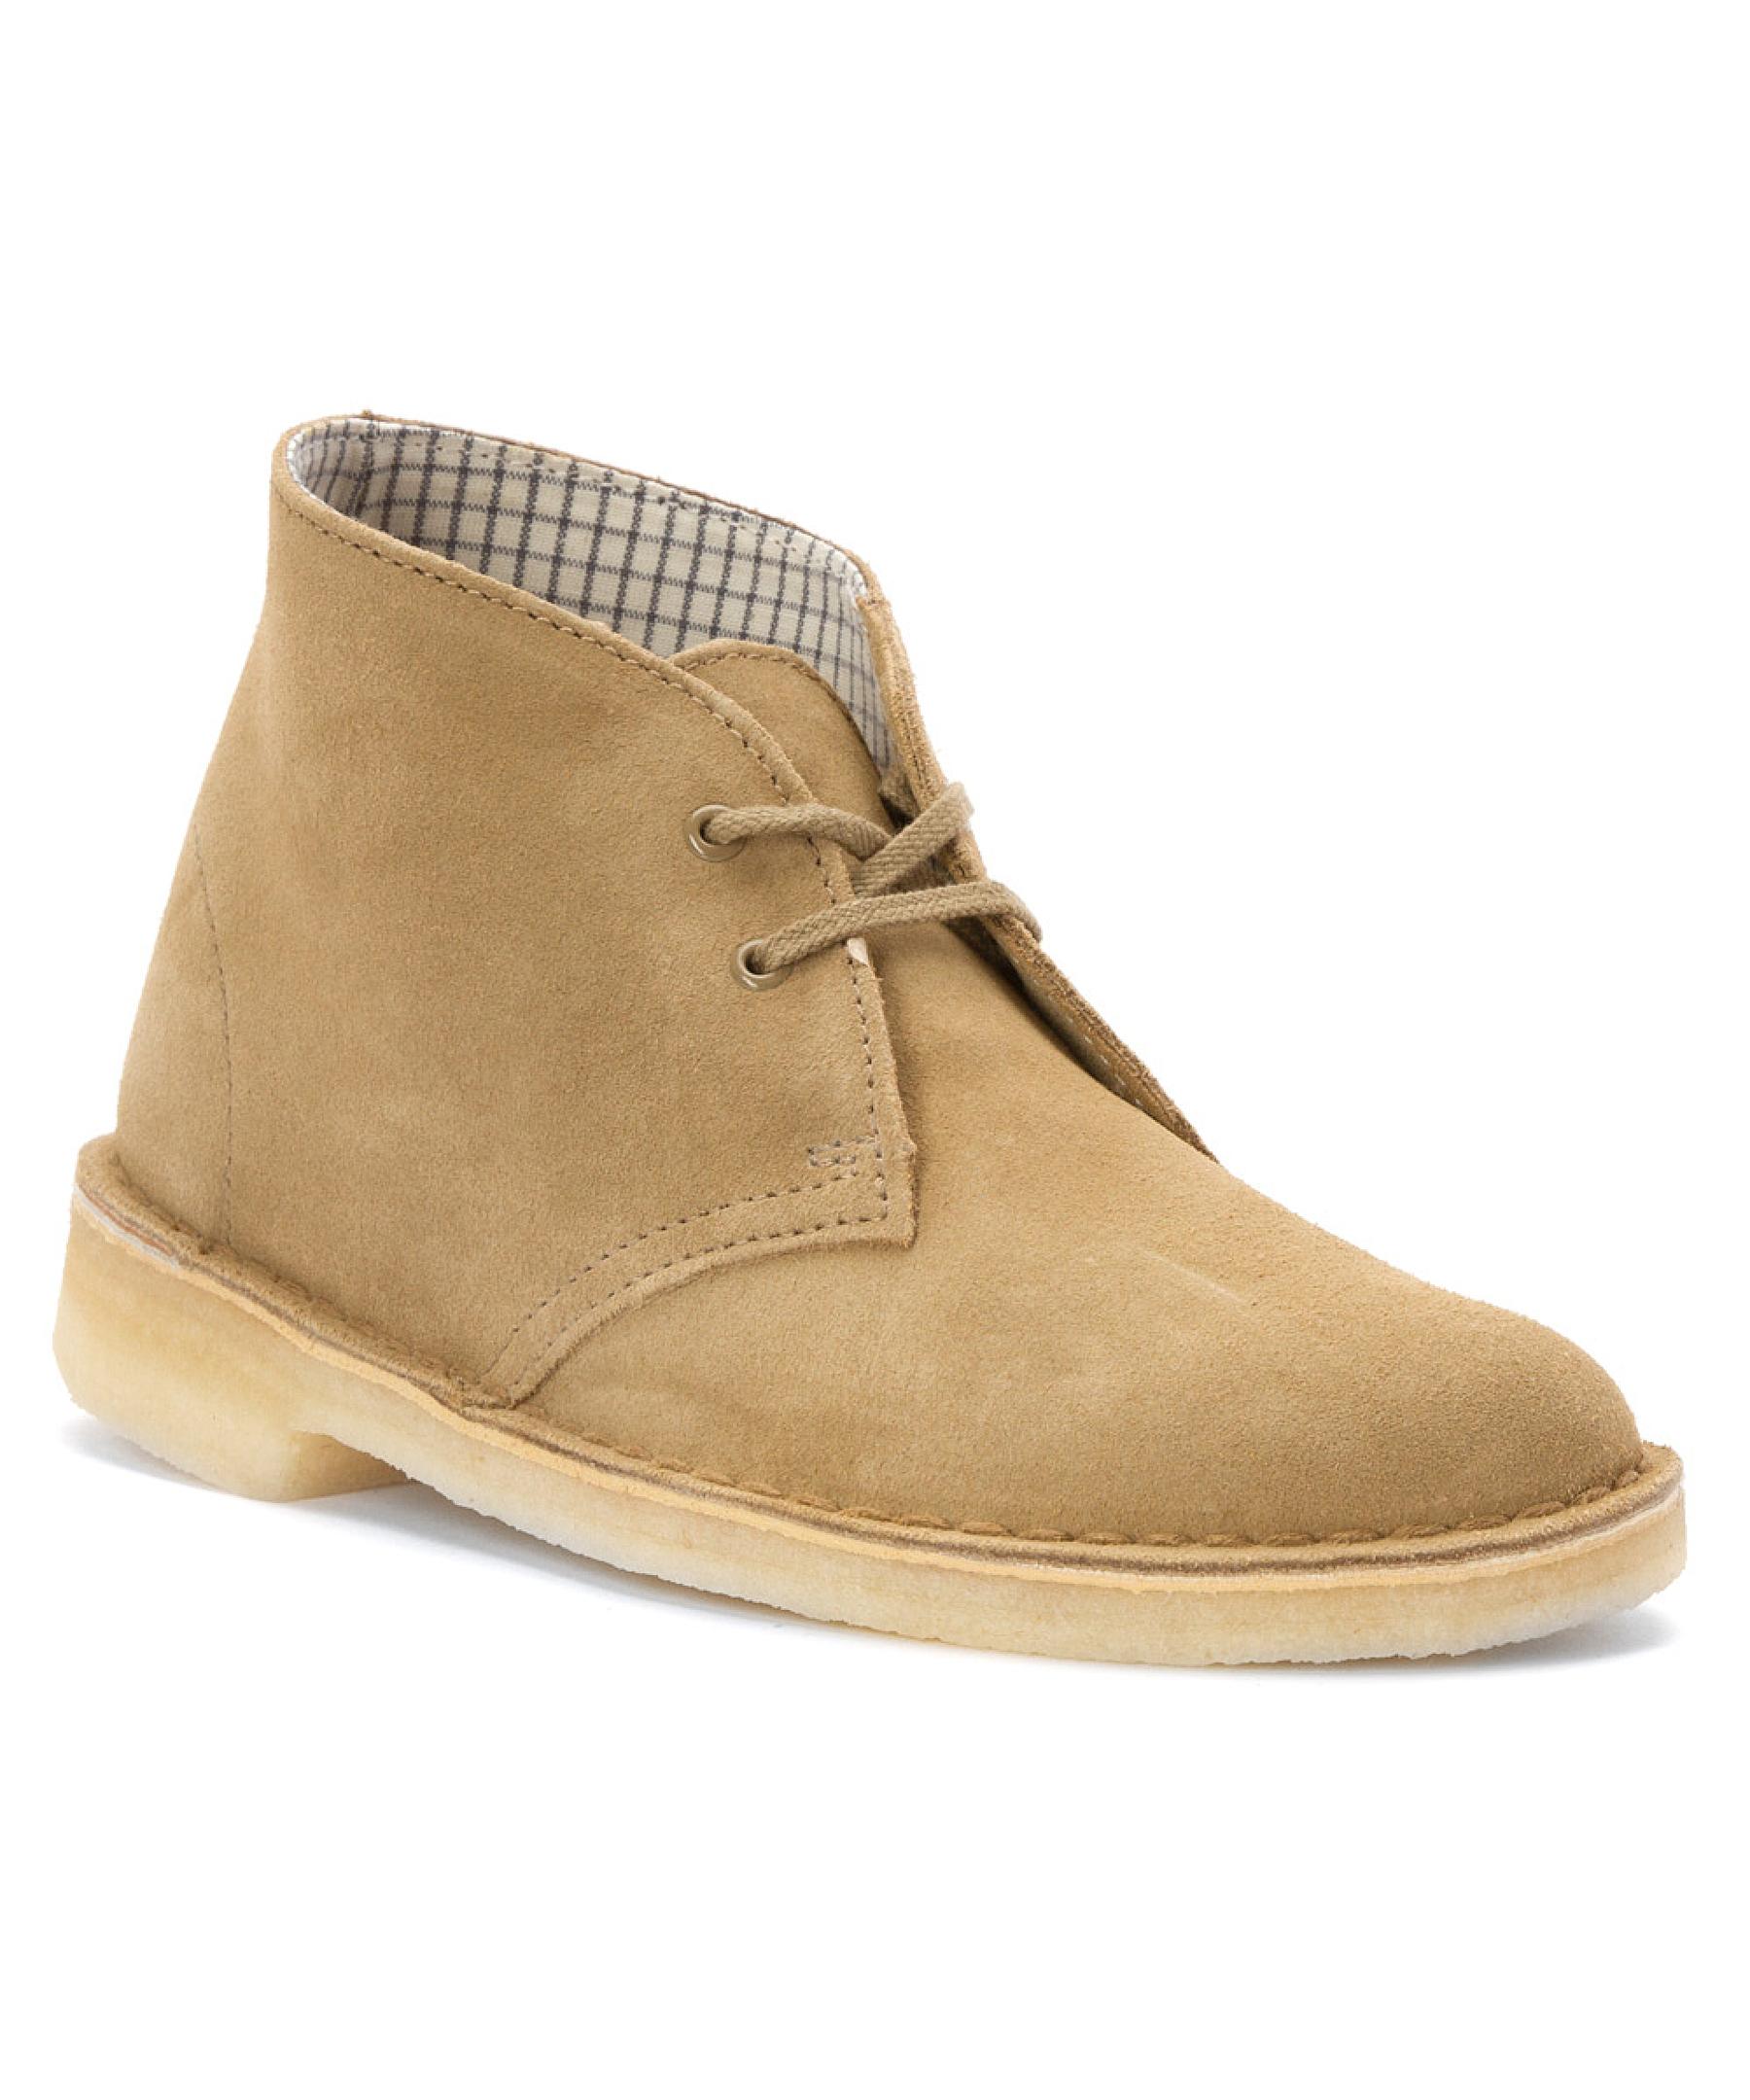 clarks s desert boot boots in beige lyst